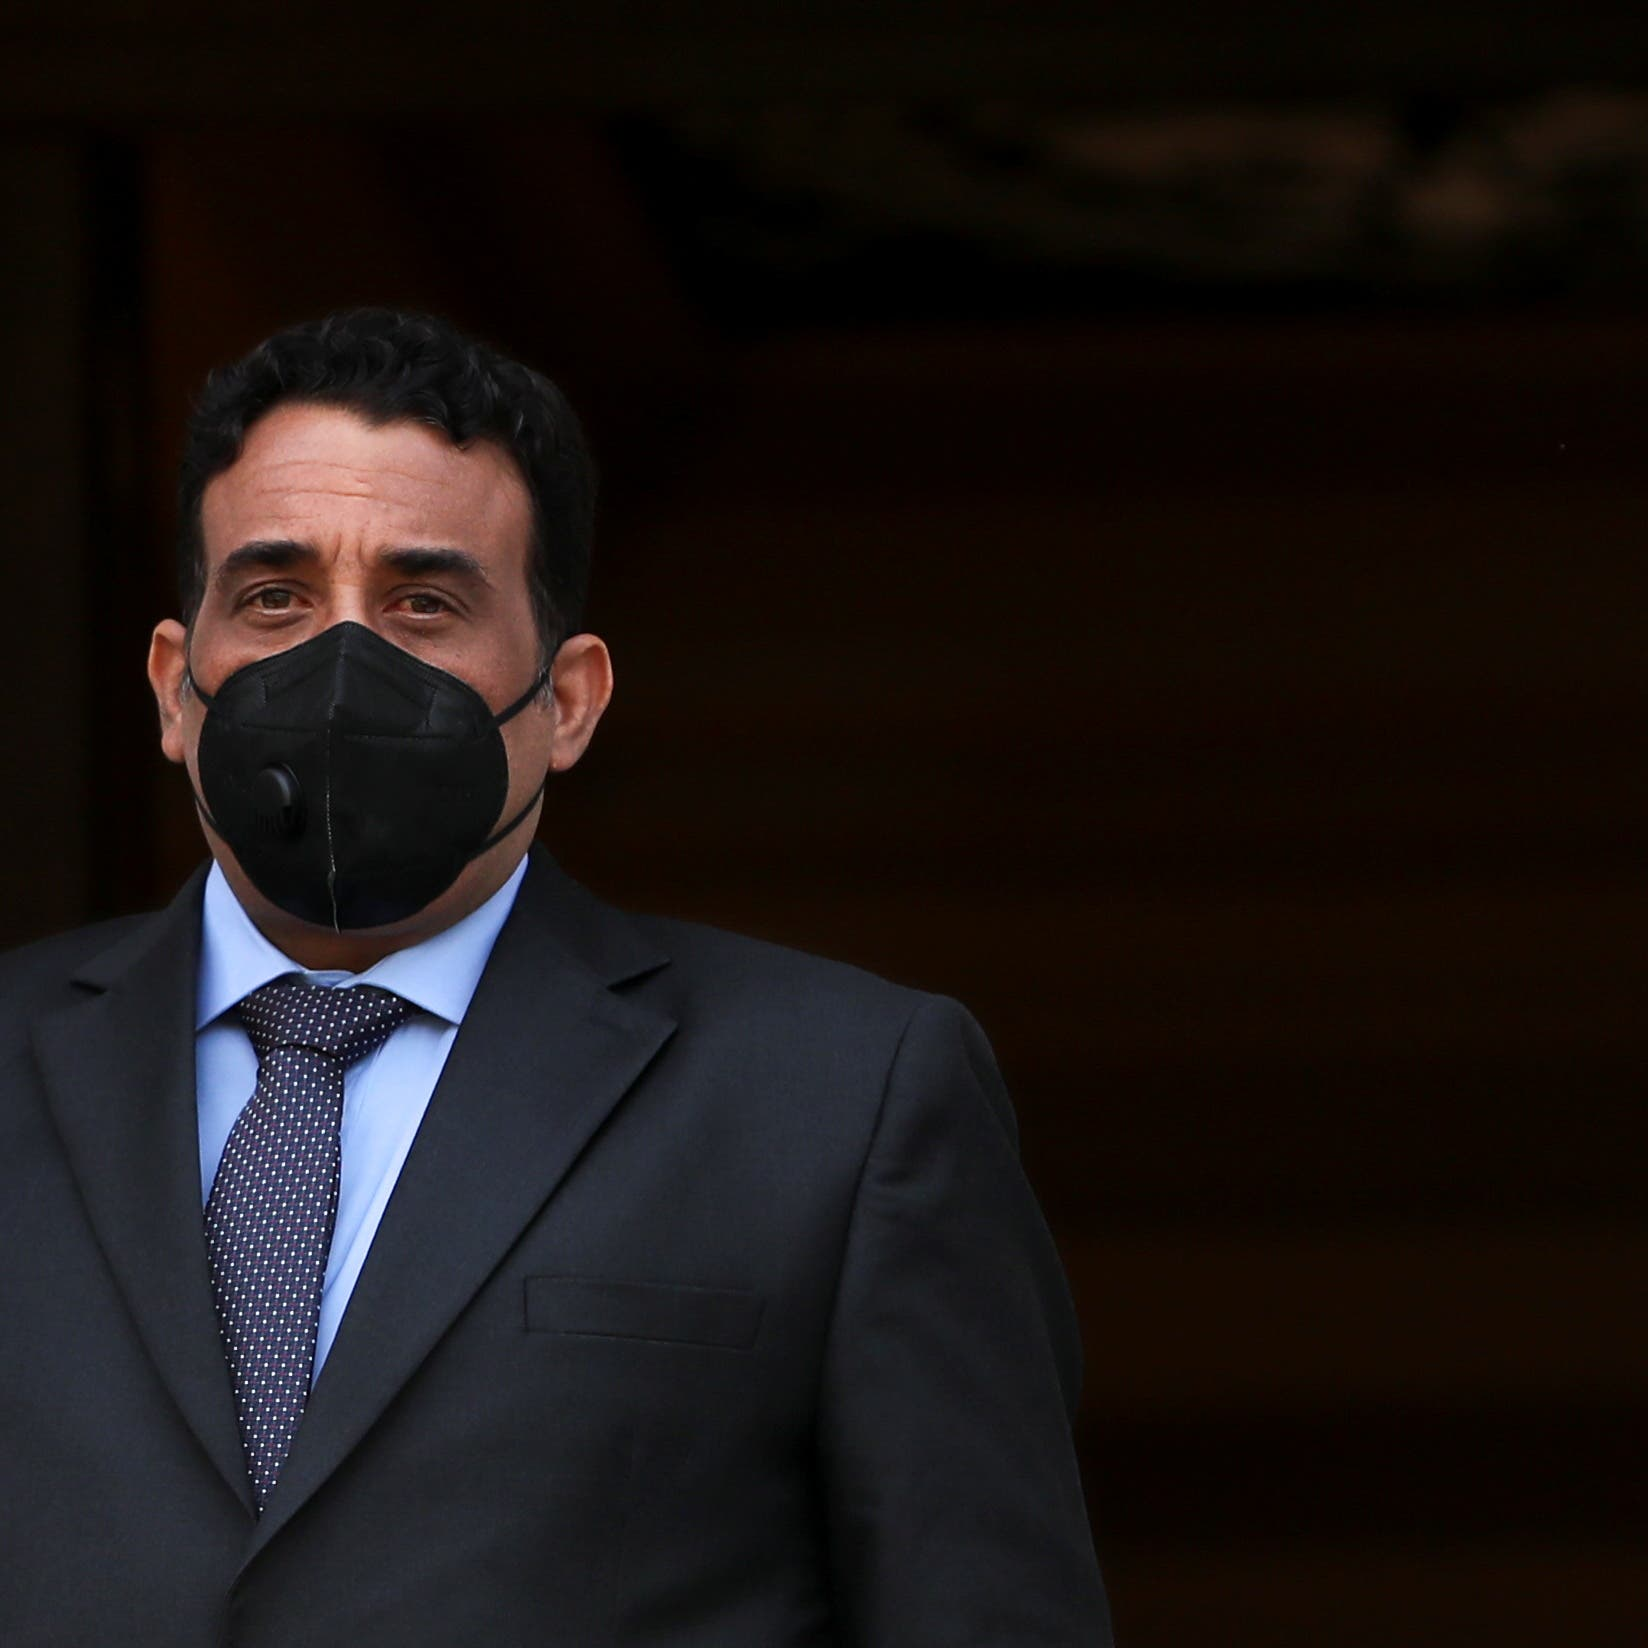 المنفي: سنعمل على إخراج جميع الميليشيات الأجنبية من ليبيا